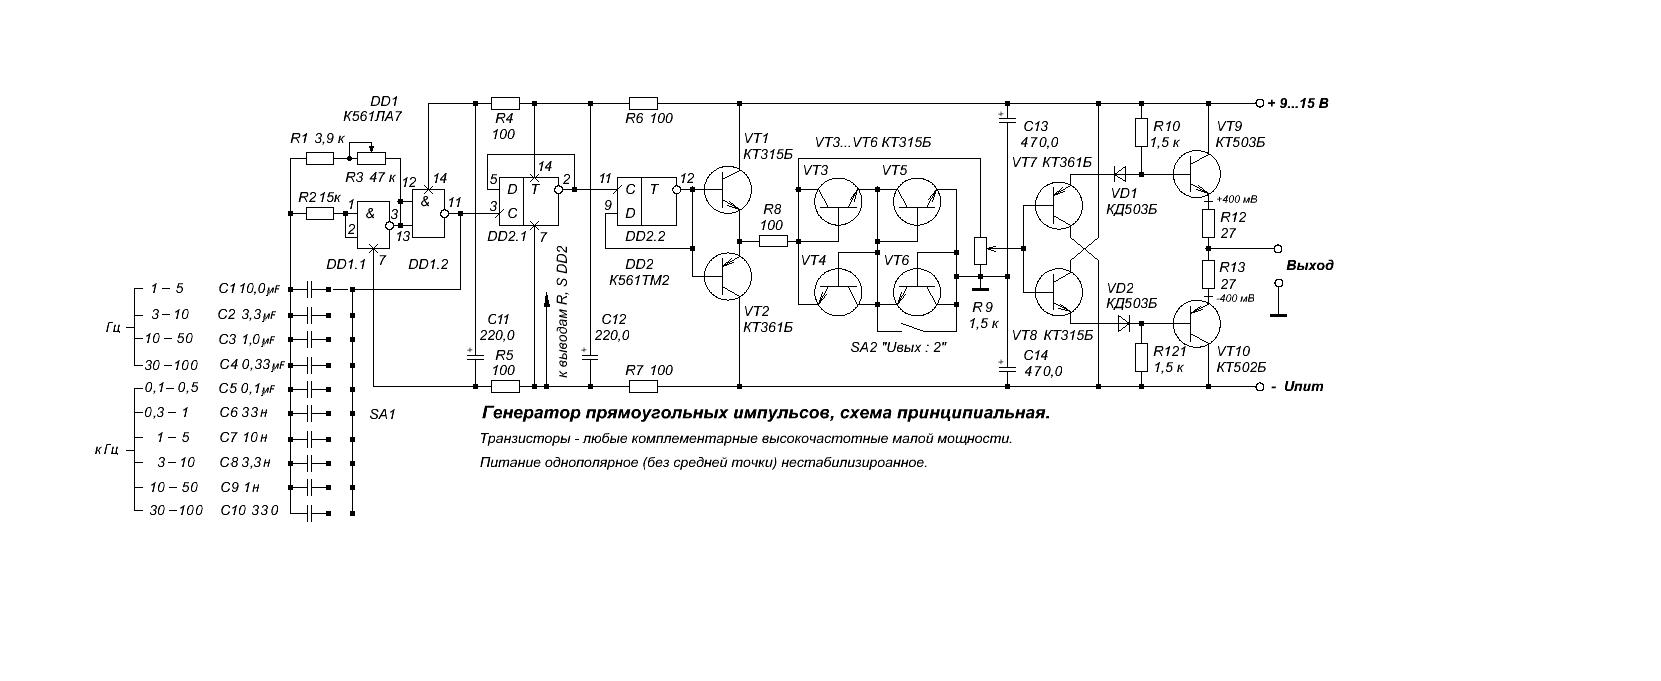 Принципиальная схема импульсного генератора